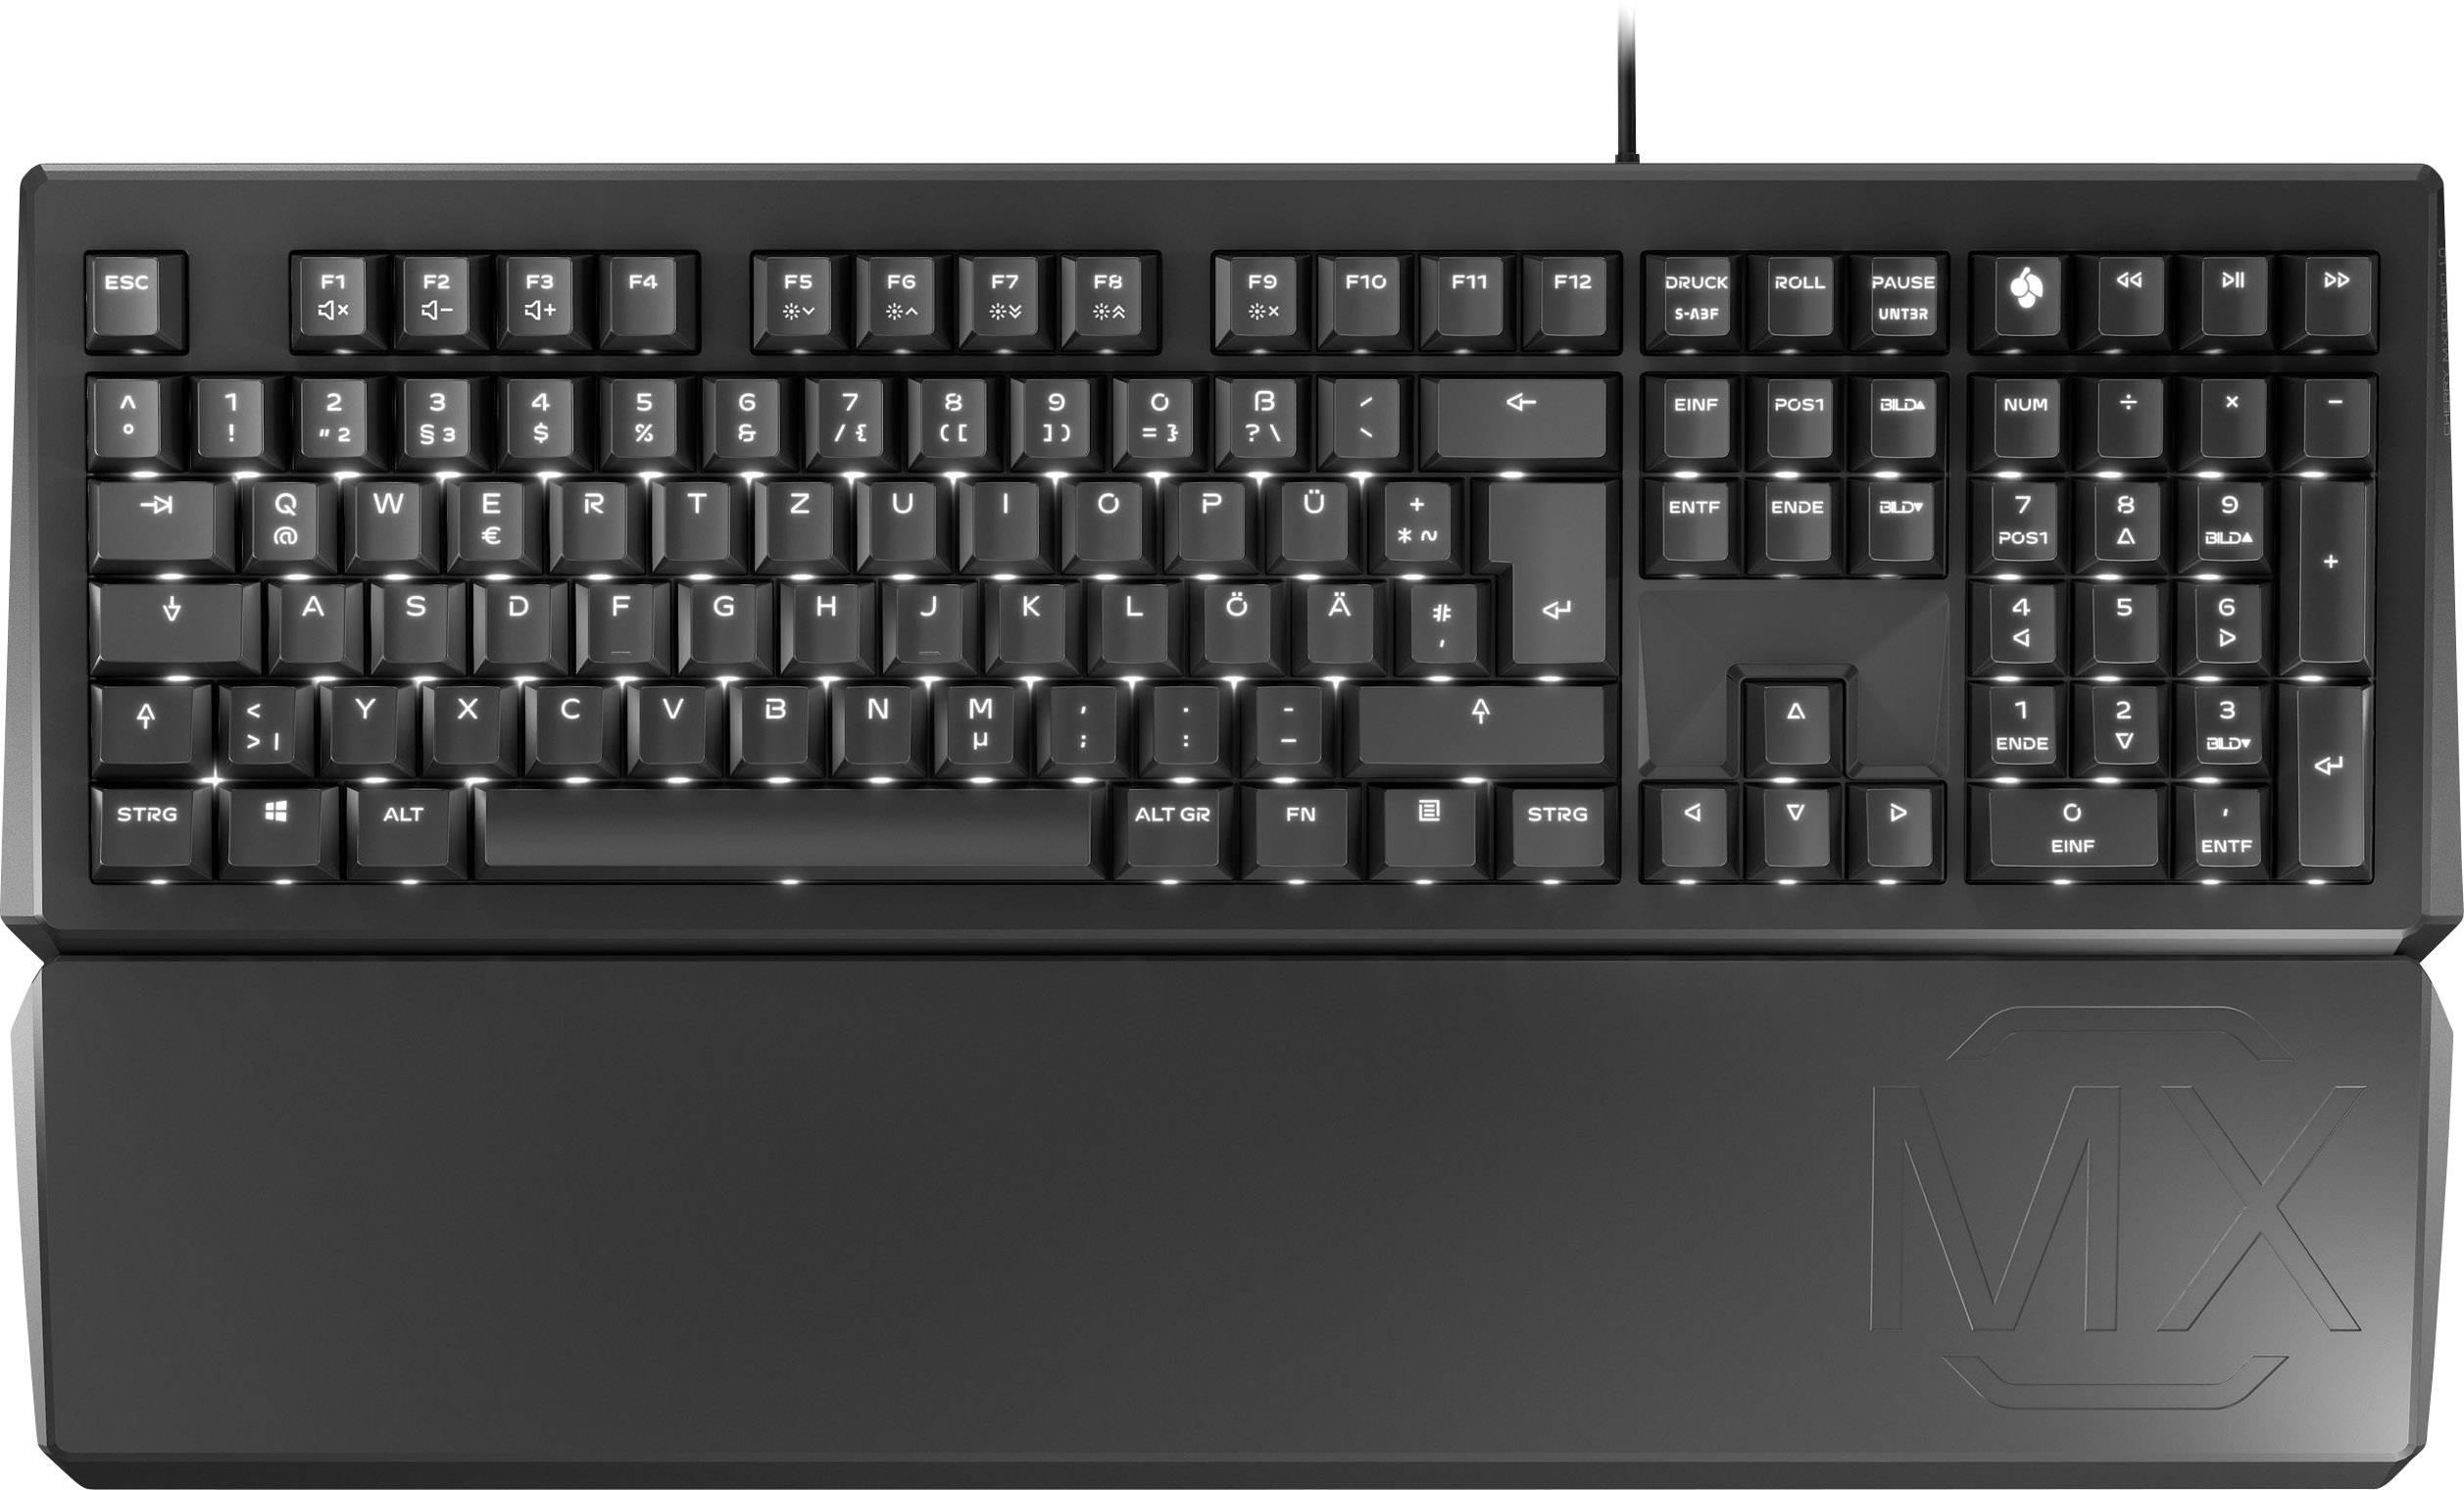 cherry tas mx board 1 0 backlight 55cn usb tastatur handballenauflage deutsch qwertz mac schwarz braun